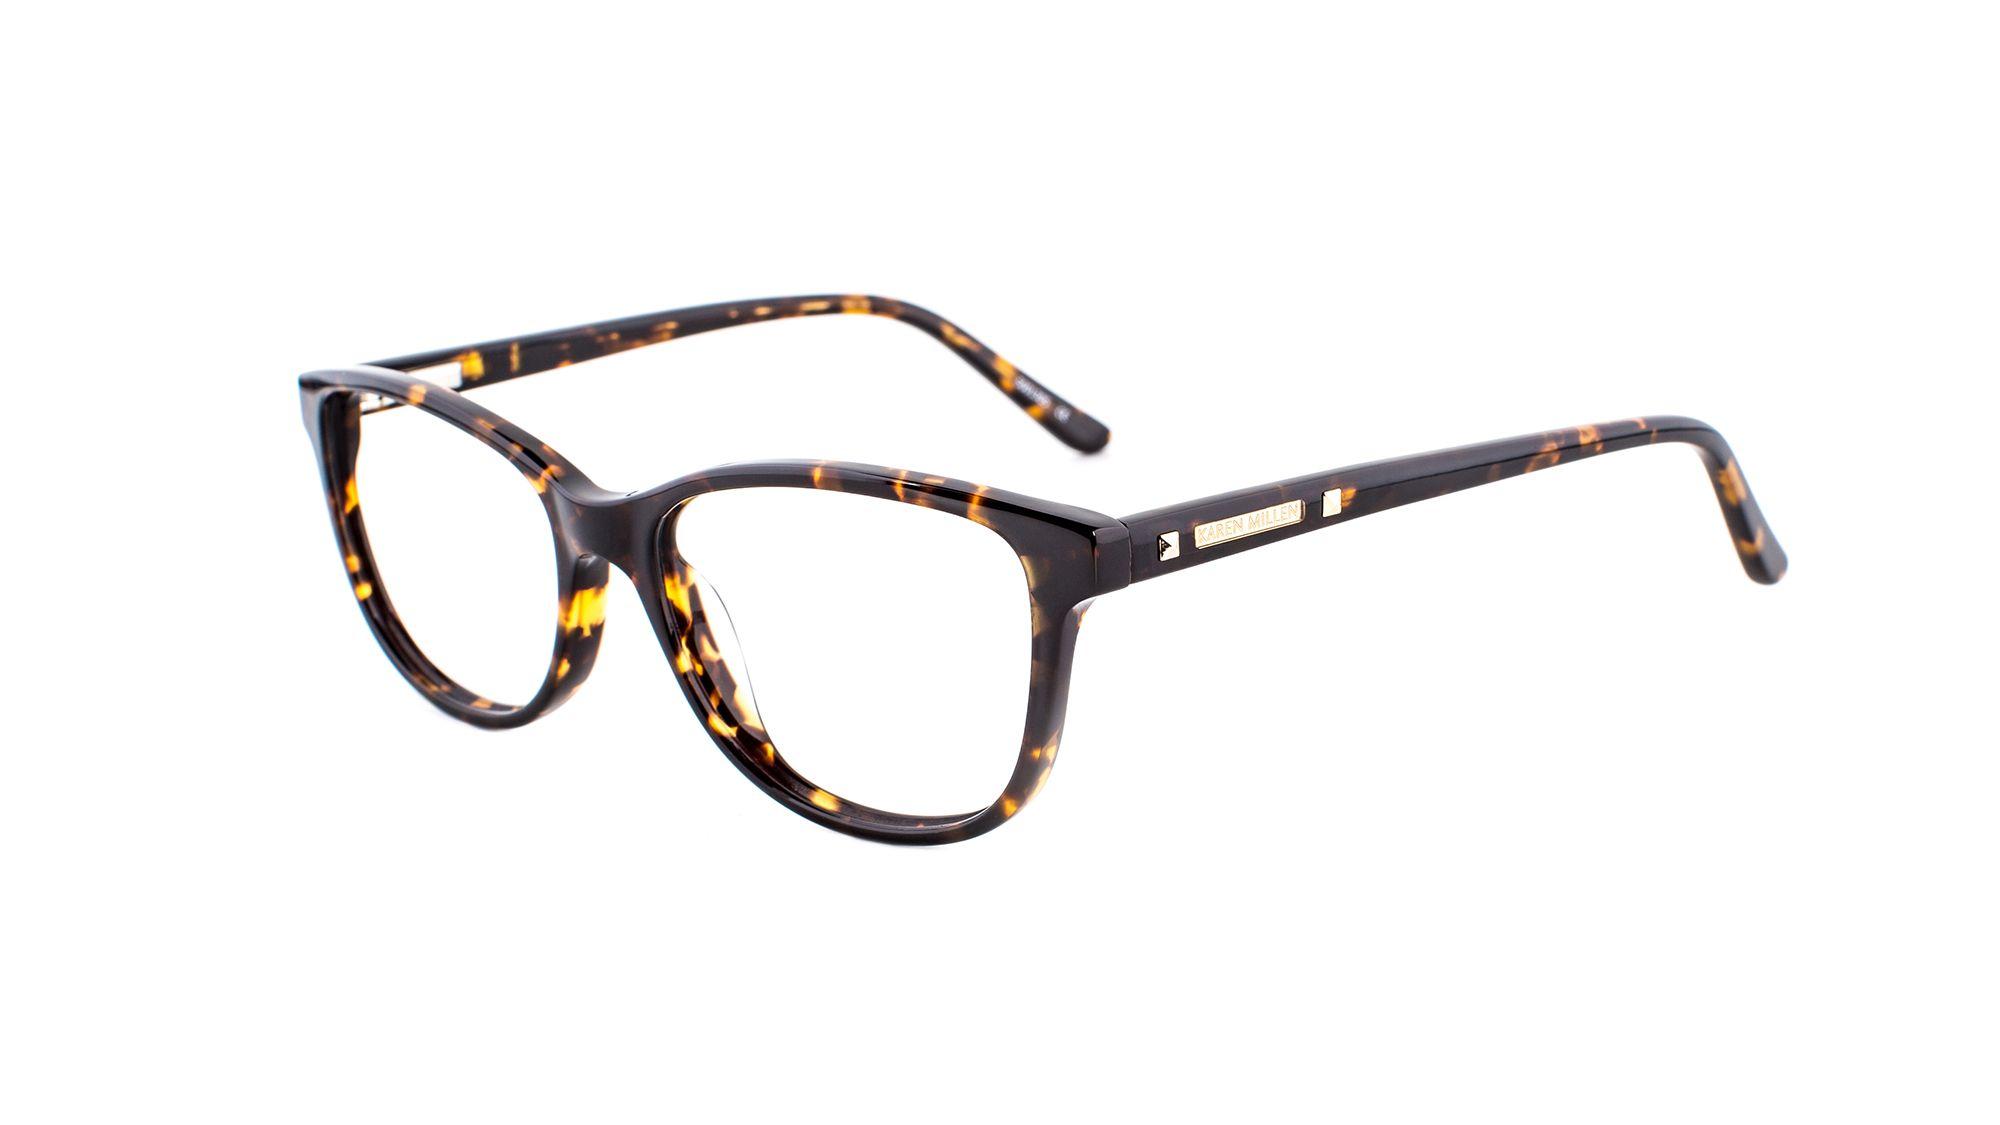 0124df975c9a Karen Millen glasses - KM 57